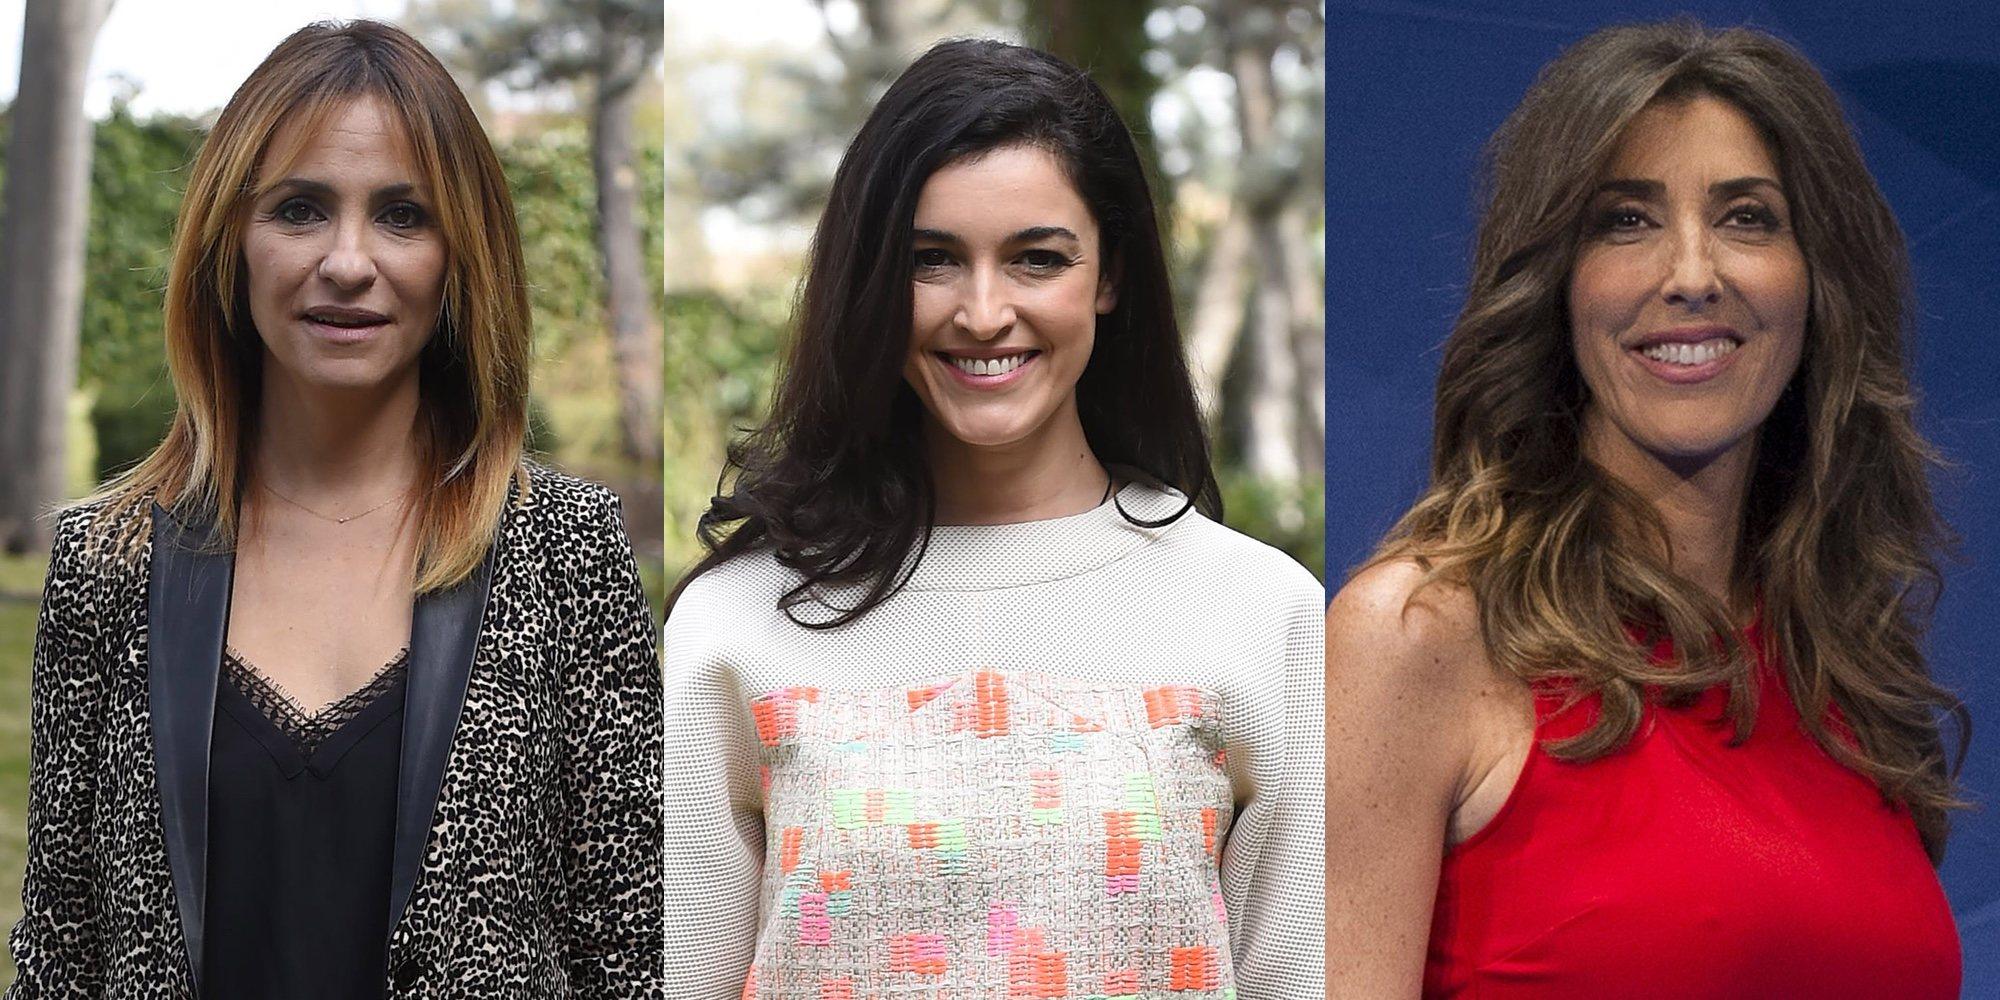 Melani Olivares, Blanca Romero, Paz Padilla y otras famosas pilladas en topless